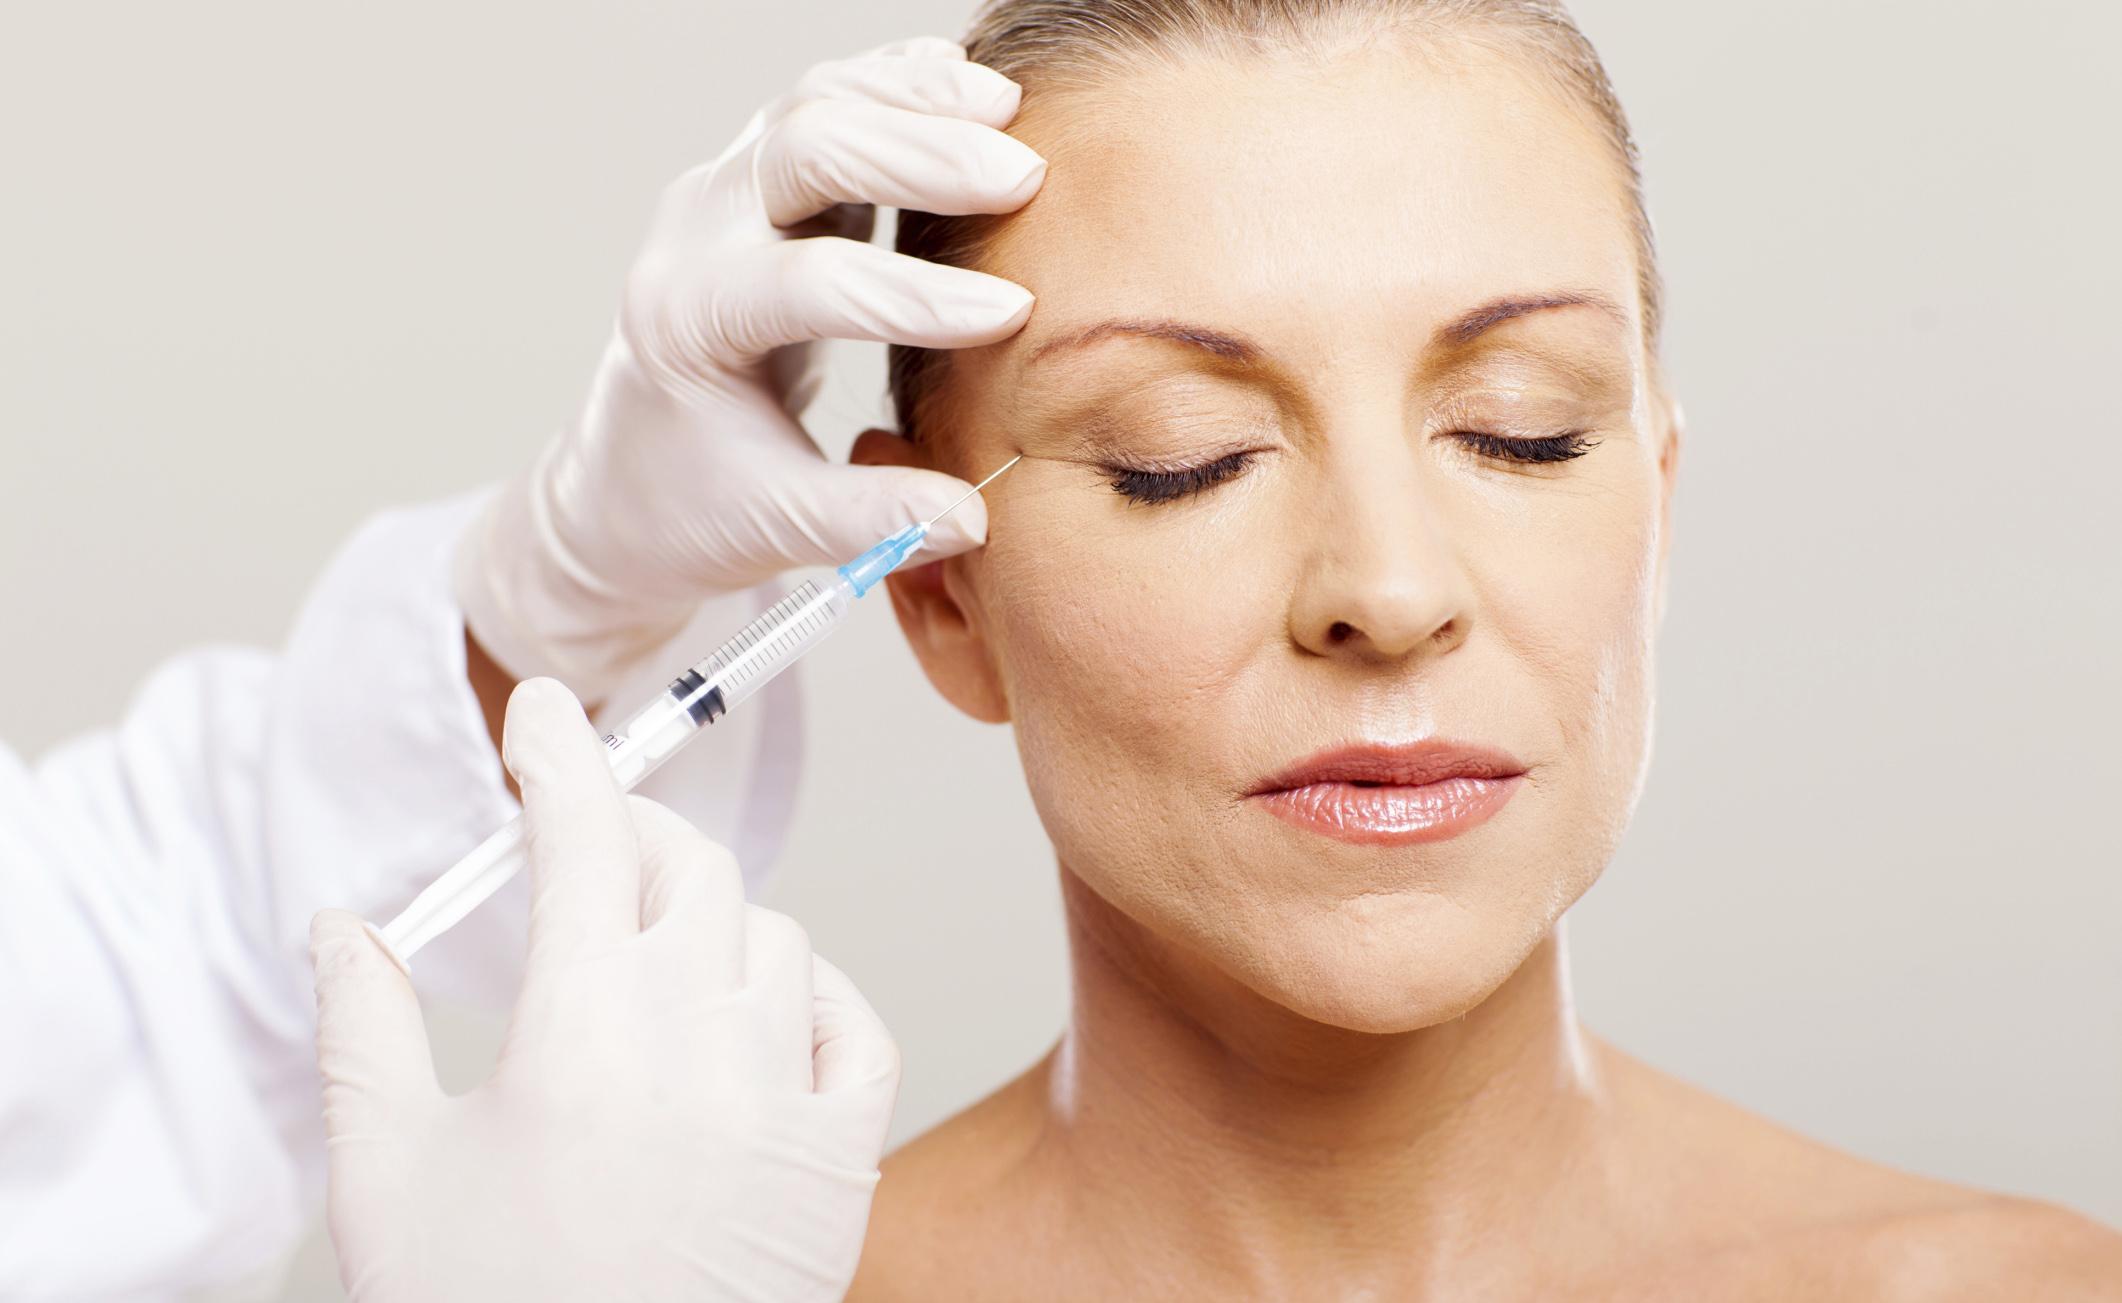 Filler dermici: la FDA chiede più chiarezza sui rischi